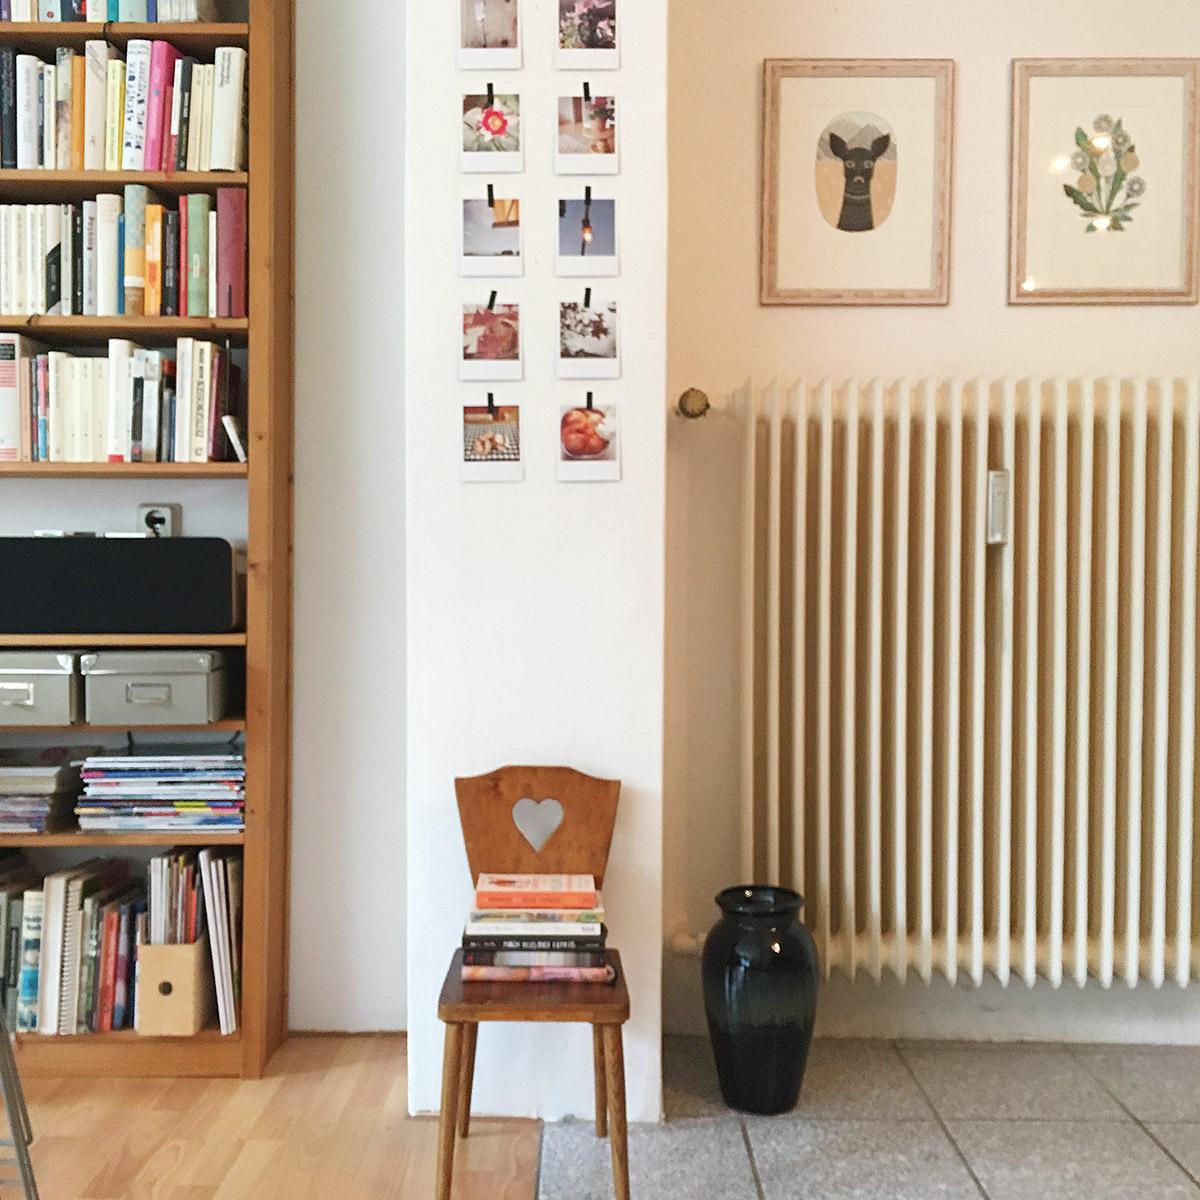 Ausschnitt einer Wohnung mit Bücherregal links, Polaroid-Galerie und Kinderstuhl mit ausgesägtem Herz darunter, rechts Kunstdrucke an der Wand